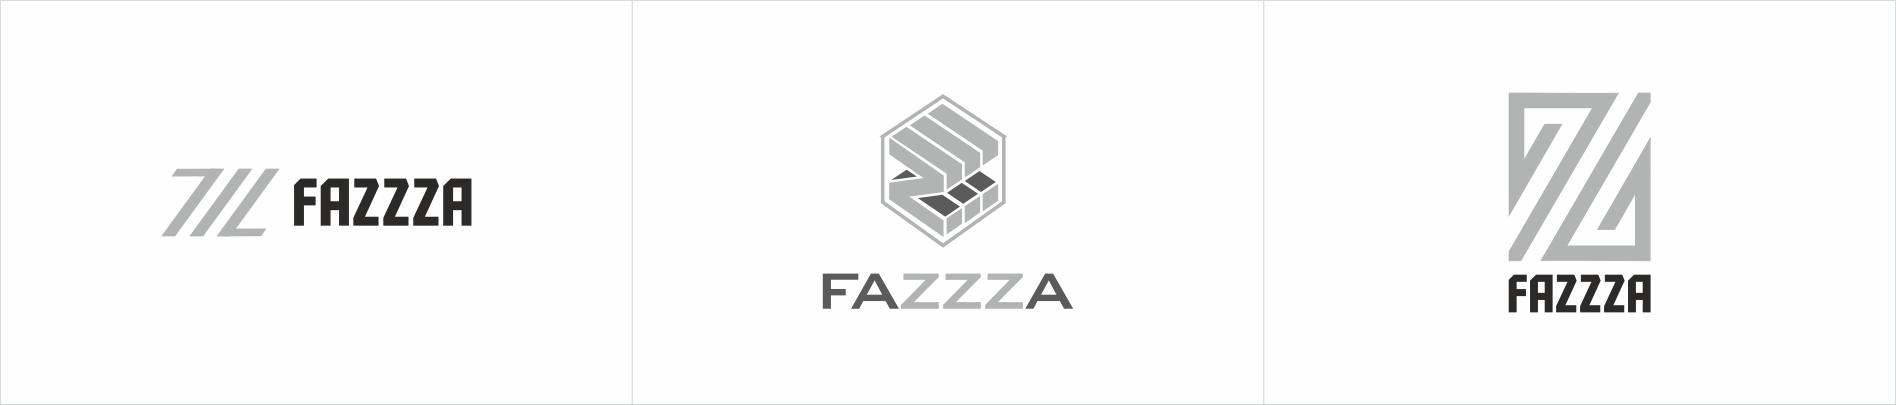 Разработка логотипа Fazzza